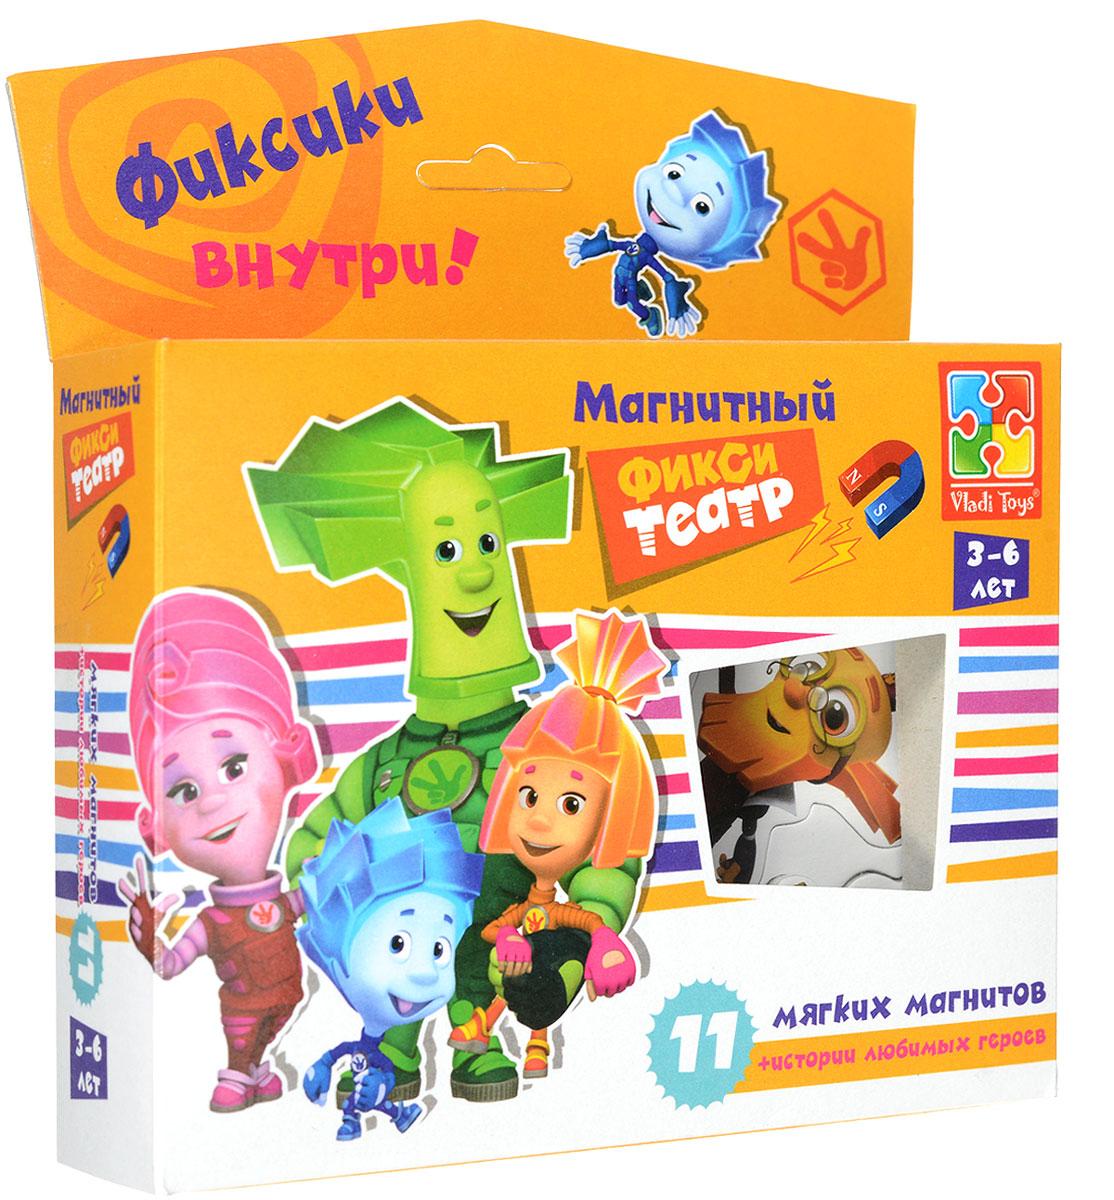 Vladi Toys Магнитный кукольный театр Фиксики VT3206-19 vladi toys магнитный кукольный театр репка